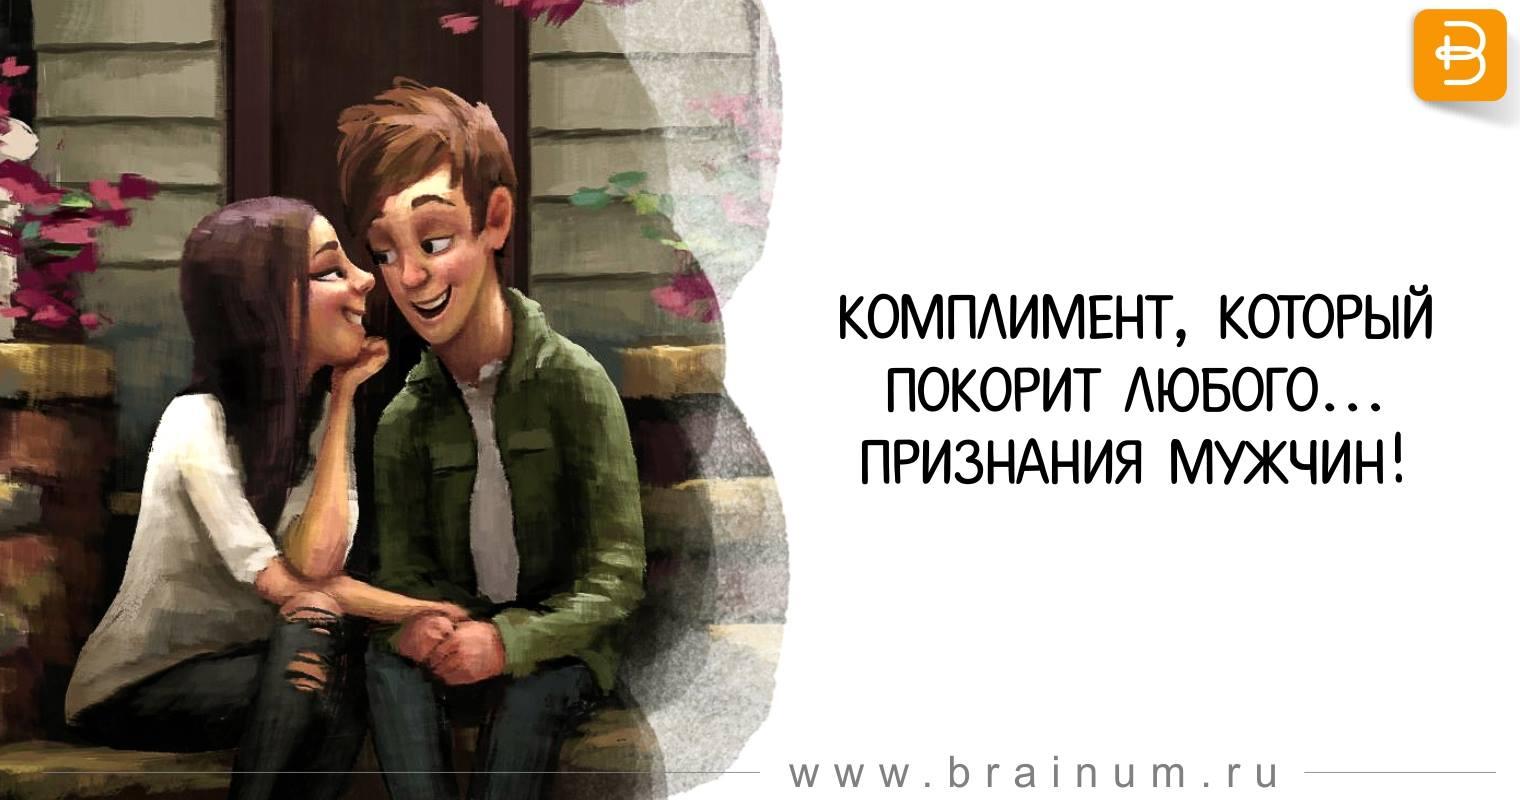 laskayut-neskolko-muzhchin